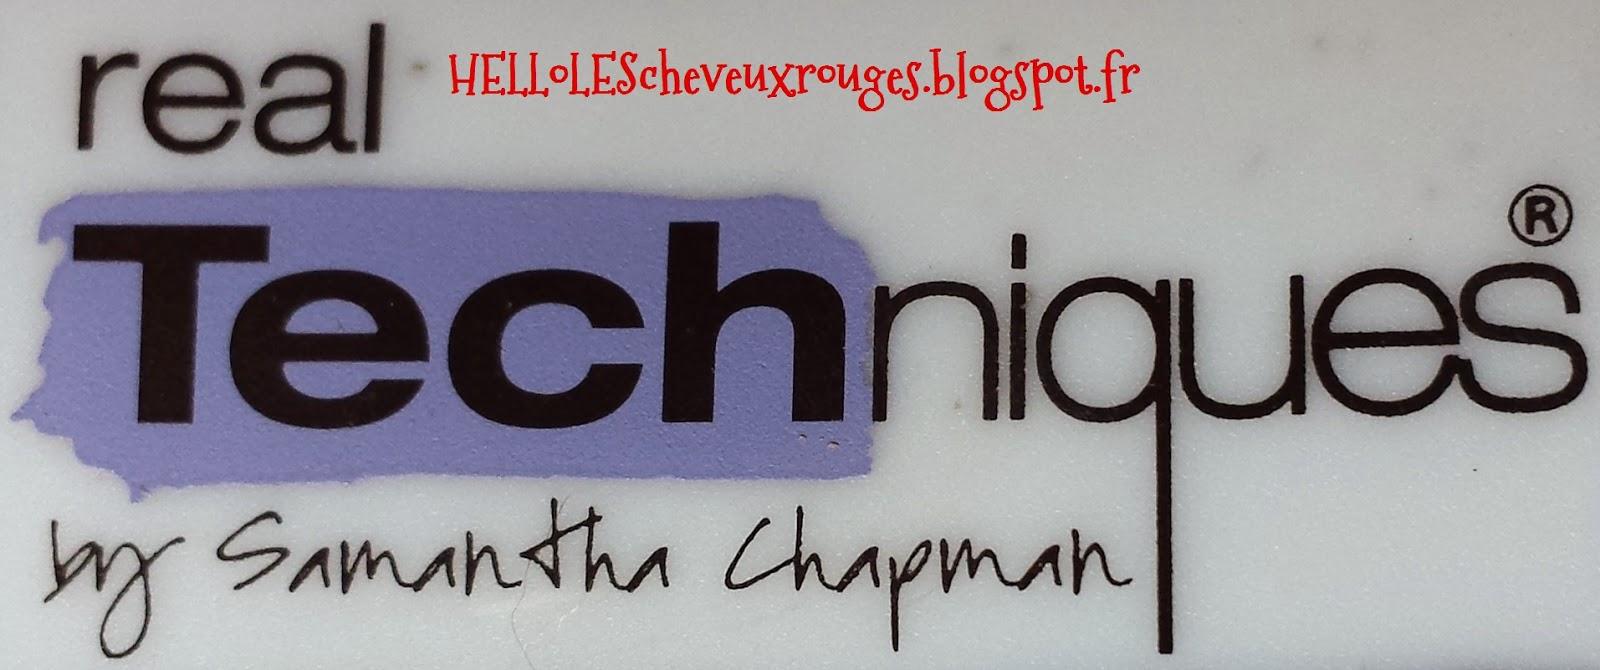 logo de la marque real techniques de samantha chapman kit pinceau pour les yeux